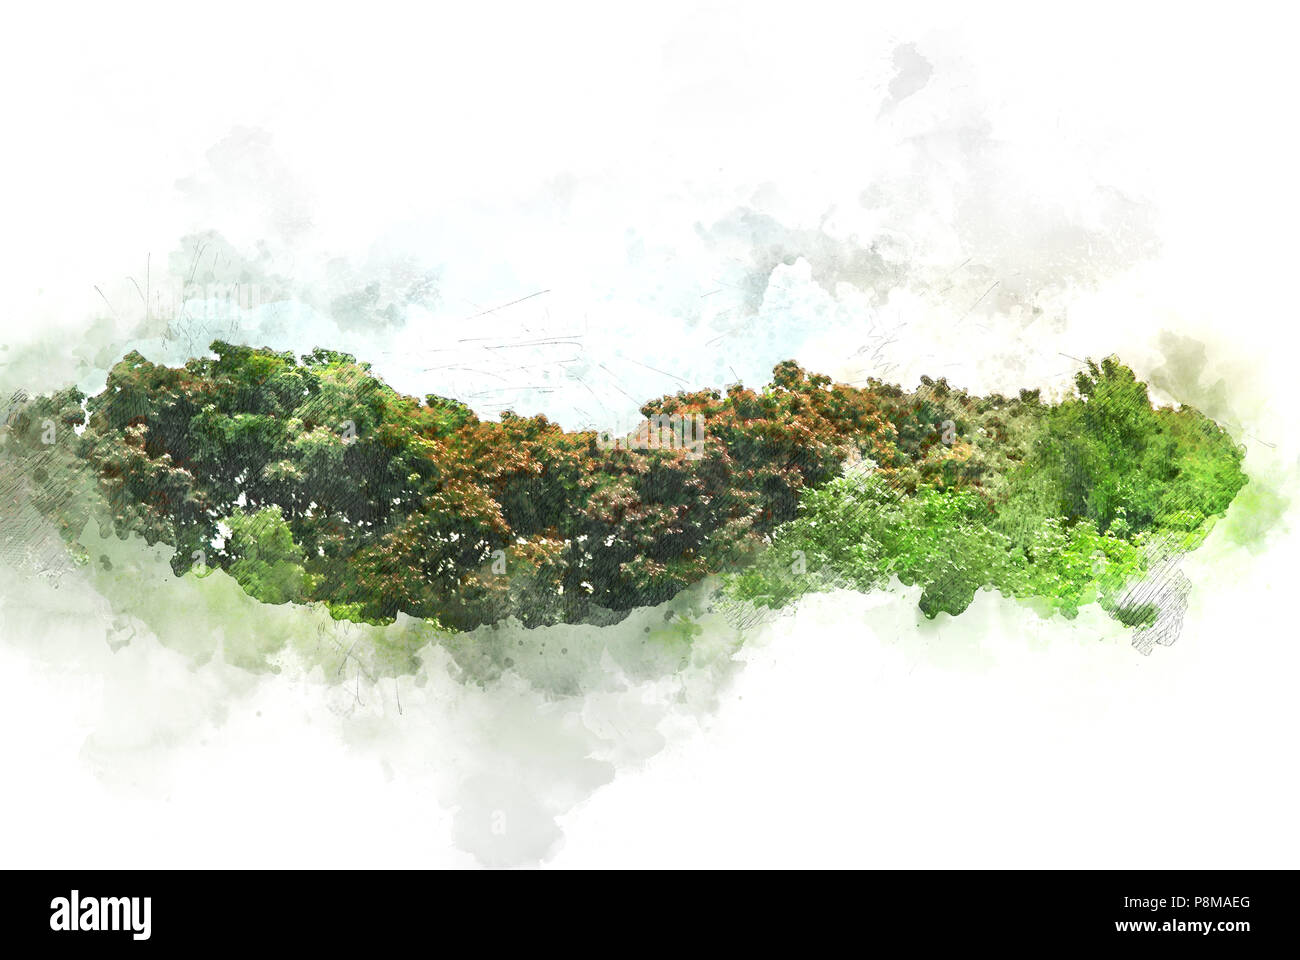 Arbre Abstrait Paysage champ et sur l'illustration à l'aquarelle peinture arrière-plan. Photo Stock